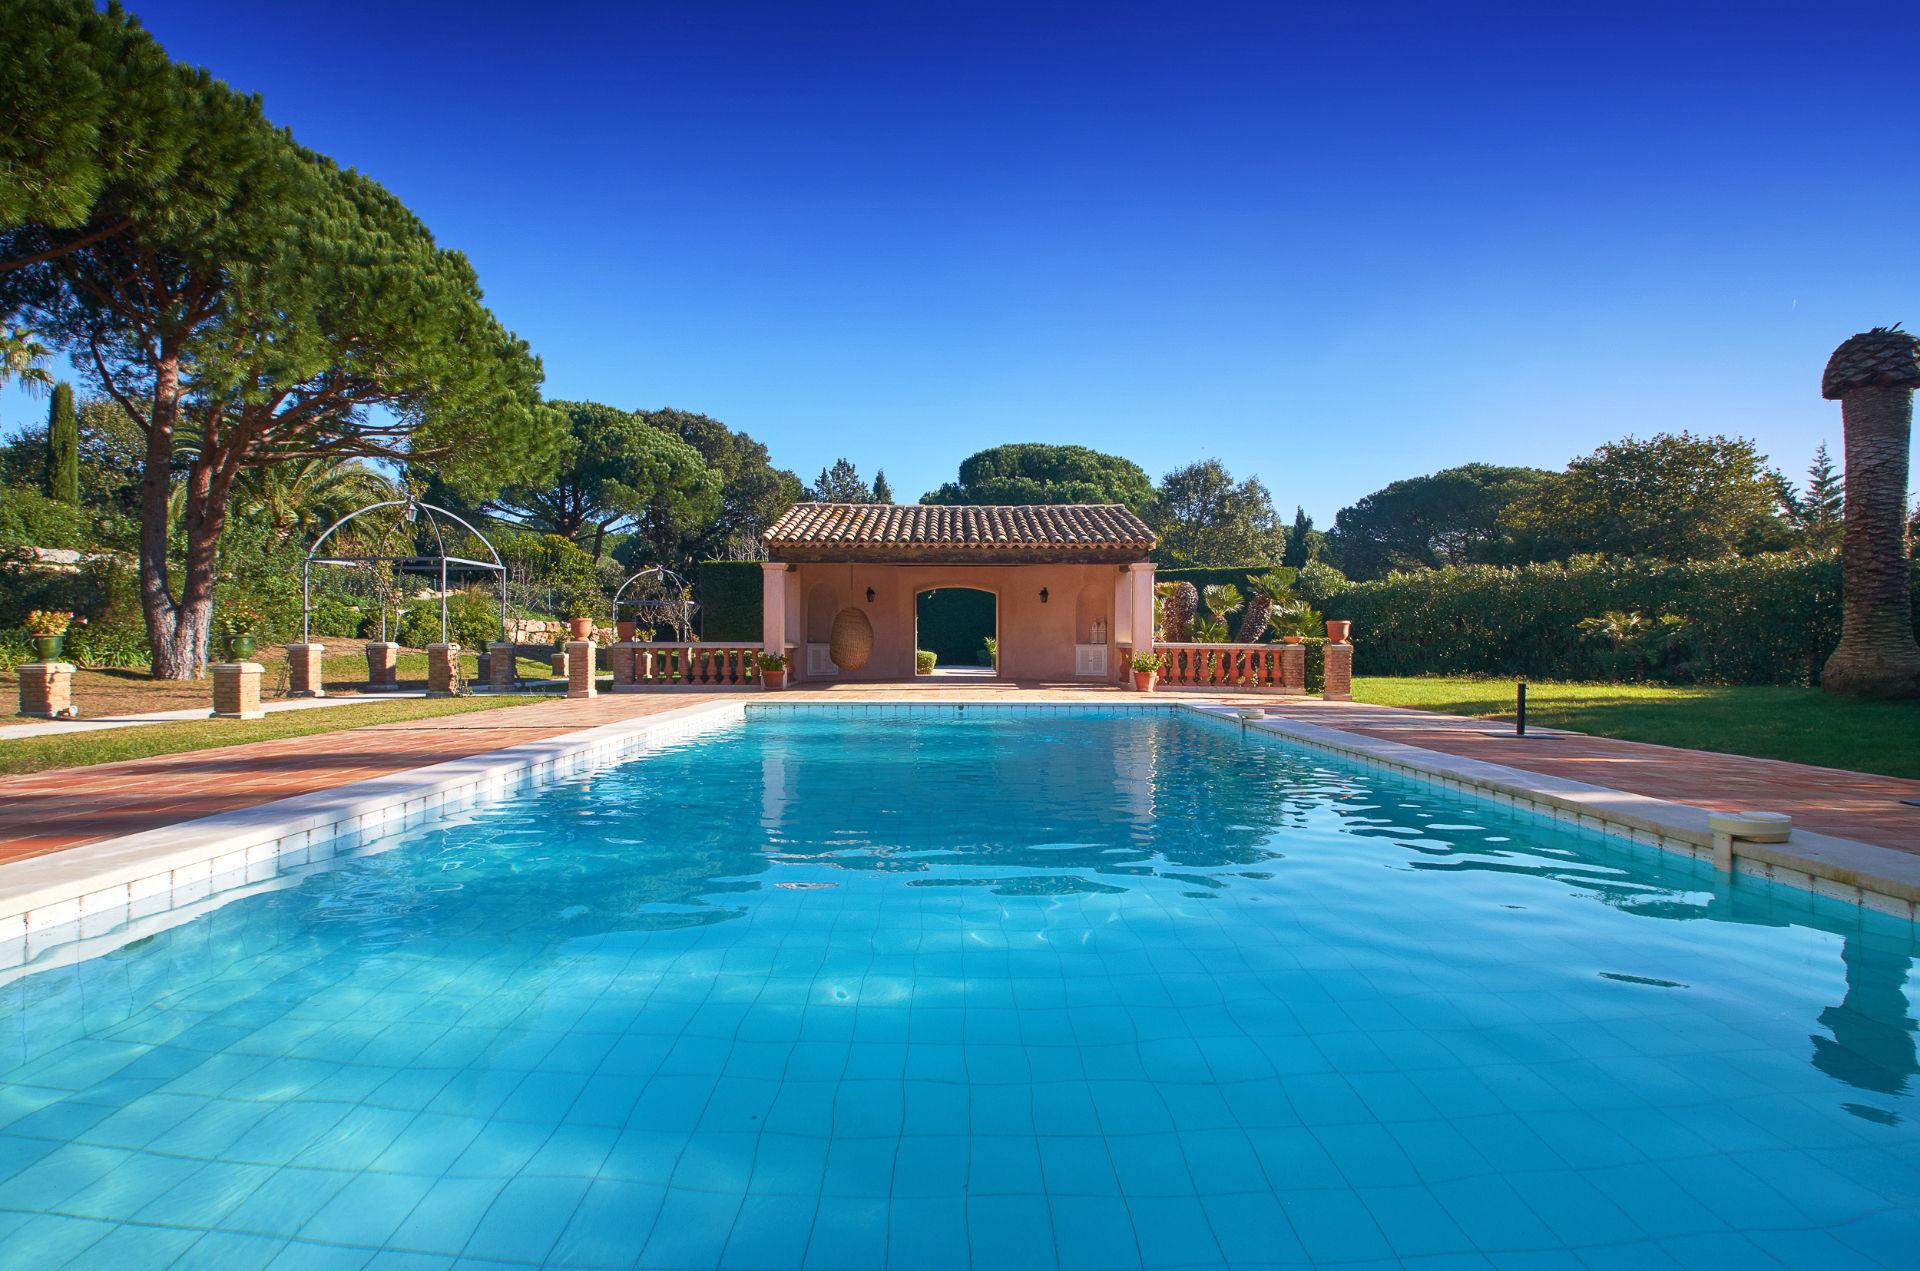 Property Of Provencal Bastide, Les Parcs de Saint tropez